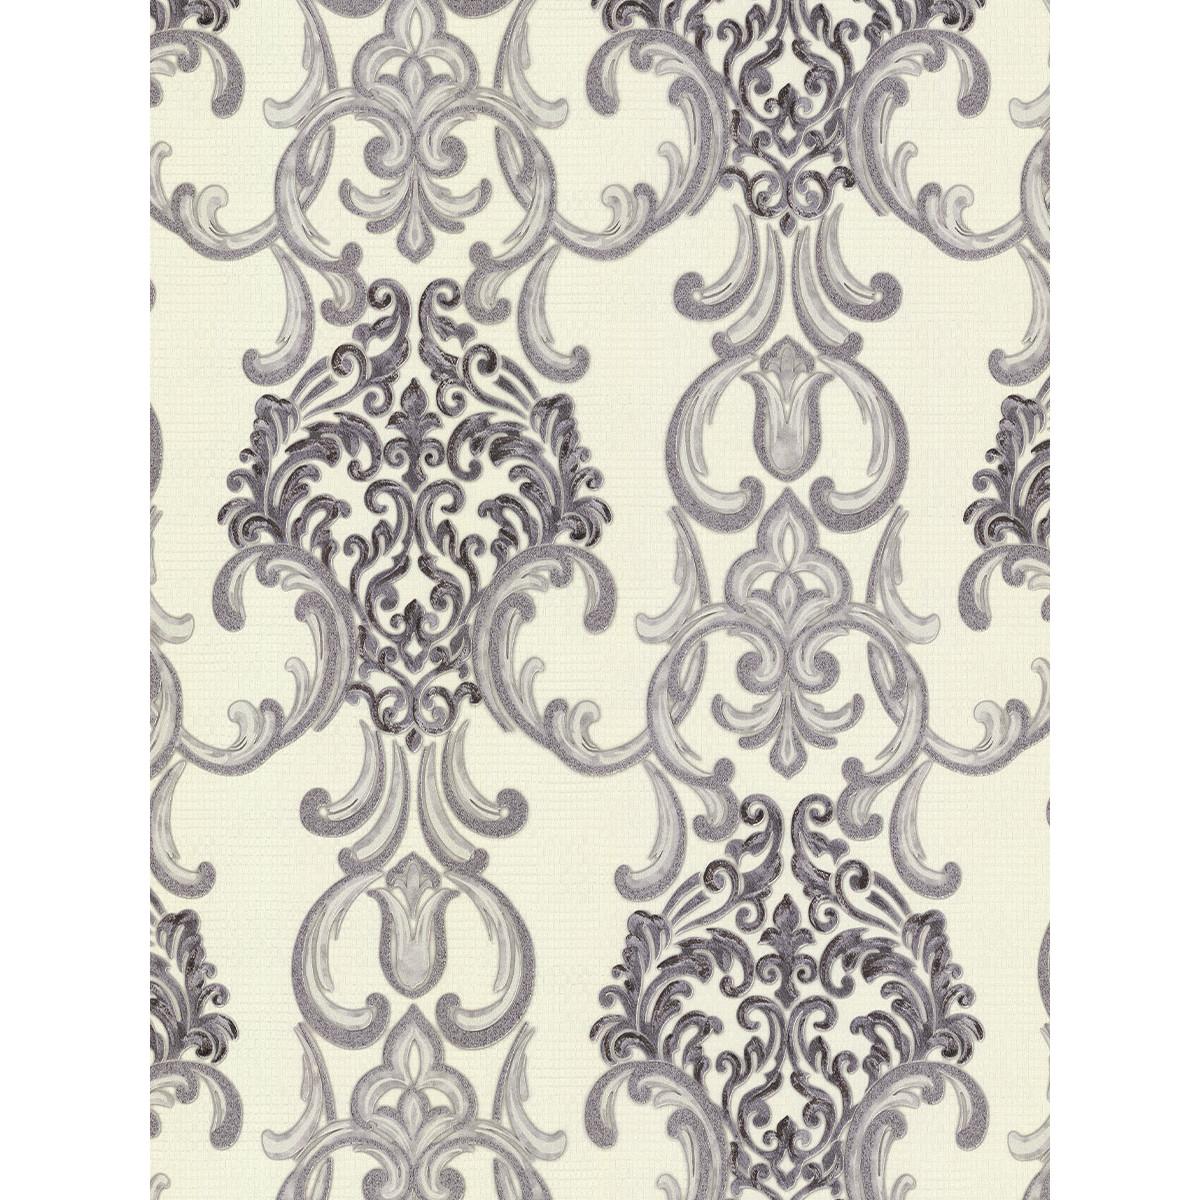 Декоративные обои Gianfranco Ferre Home белые 61042GF 0.7 м